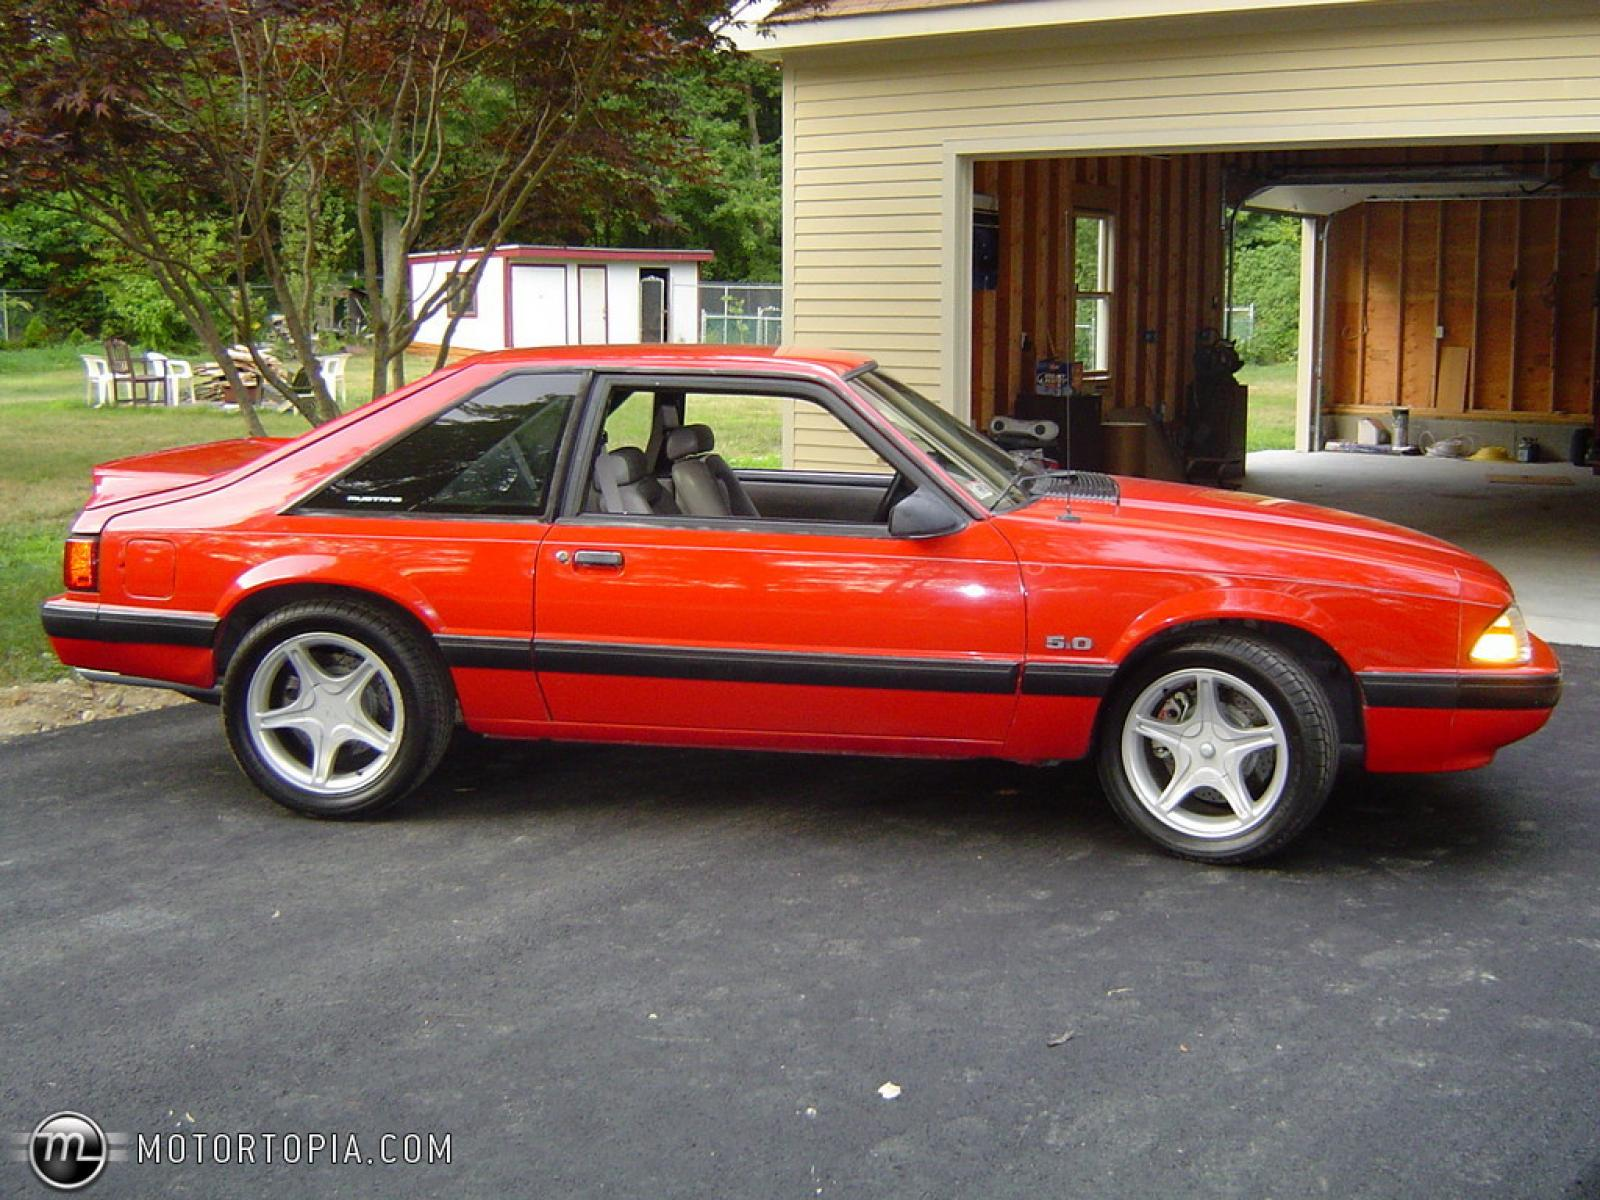 800 1024 1280 1600 origin 1990 ford mustang